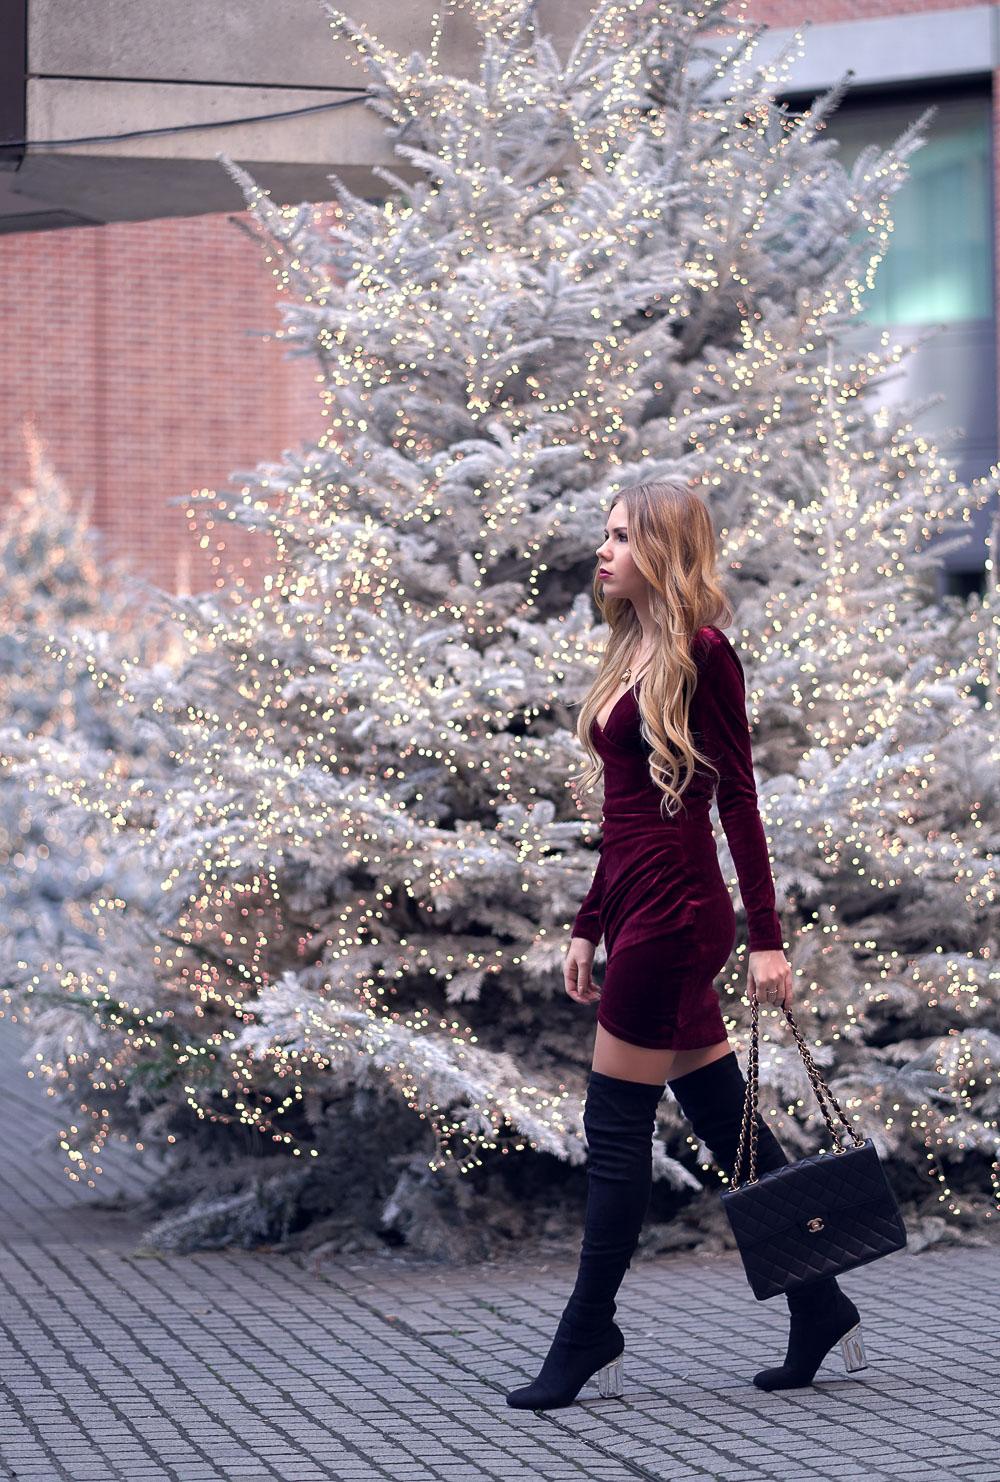 Weihnachtslook-rotes Samtkleid-Overknee Stiefel-Chanel Tasche-Weihnachten